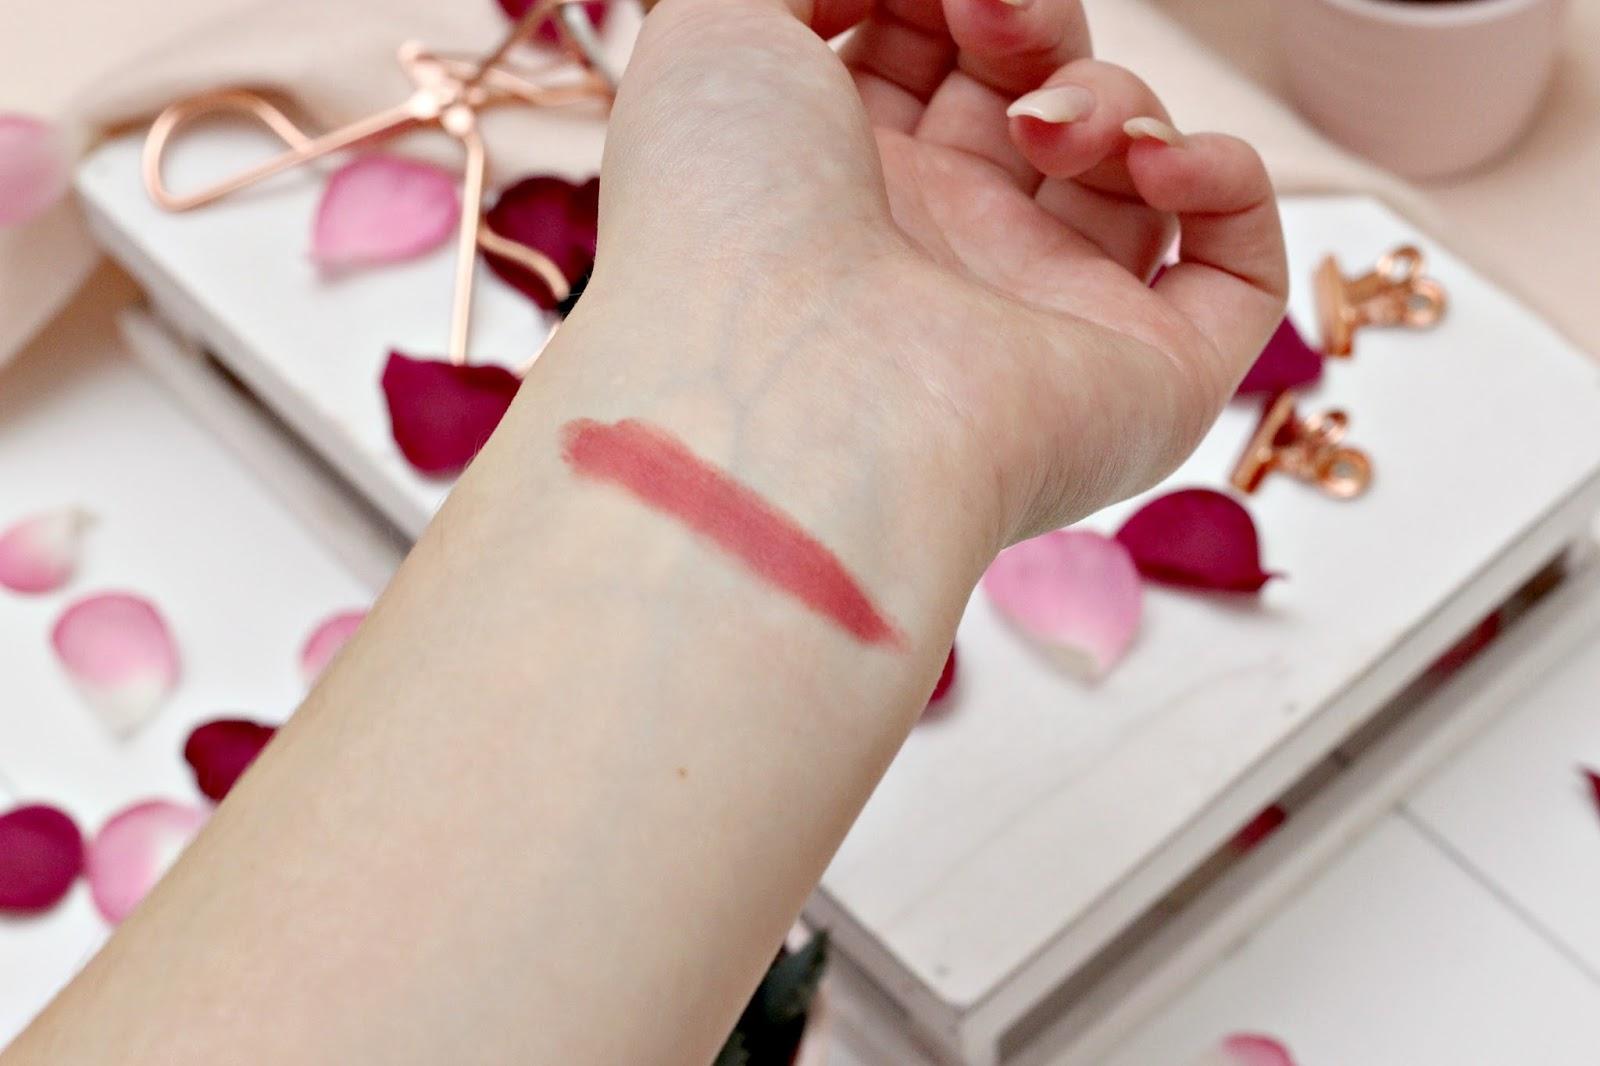 Illamasqua Lava Lipstick in Vixen